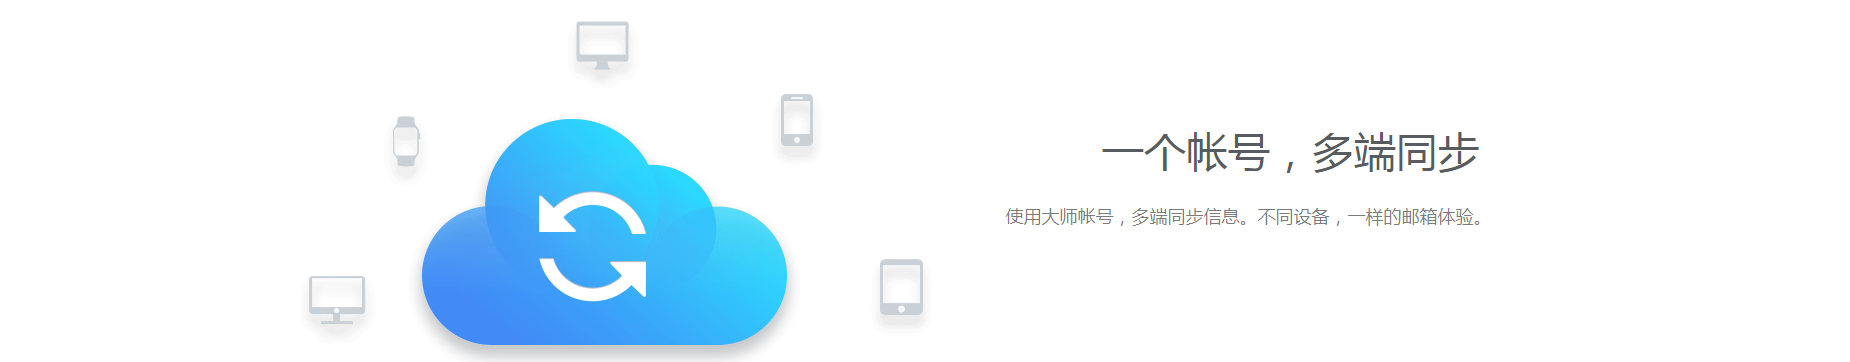 沈阳163企业邮箱大师